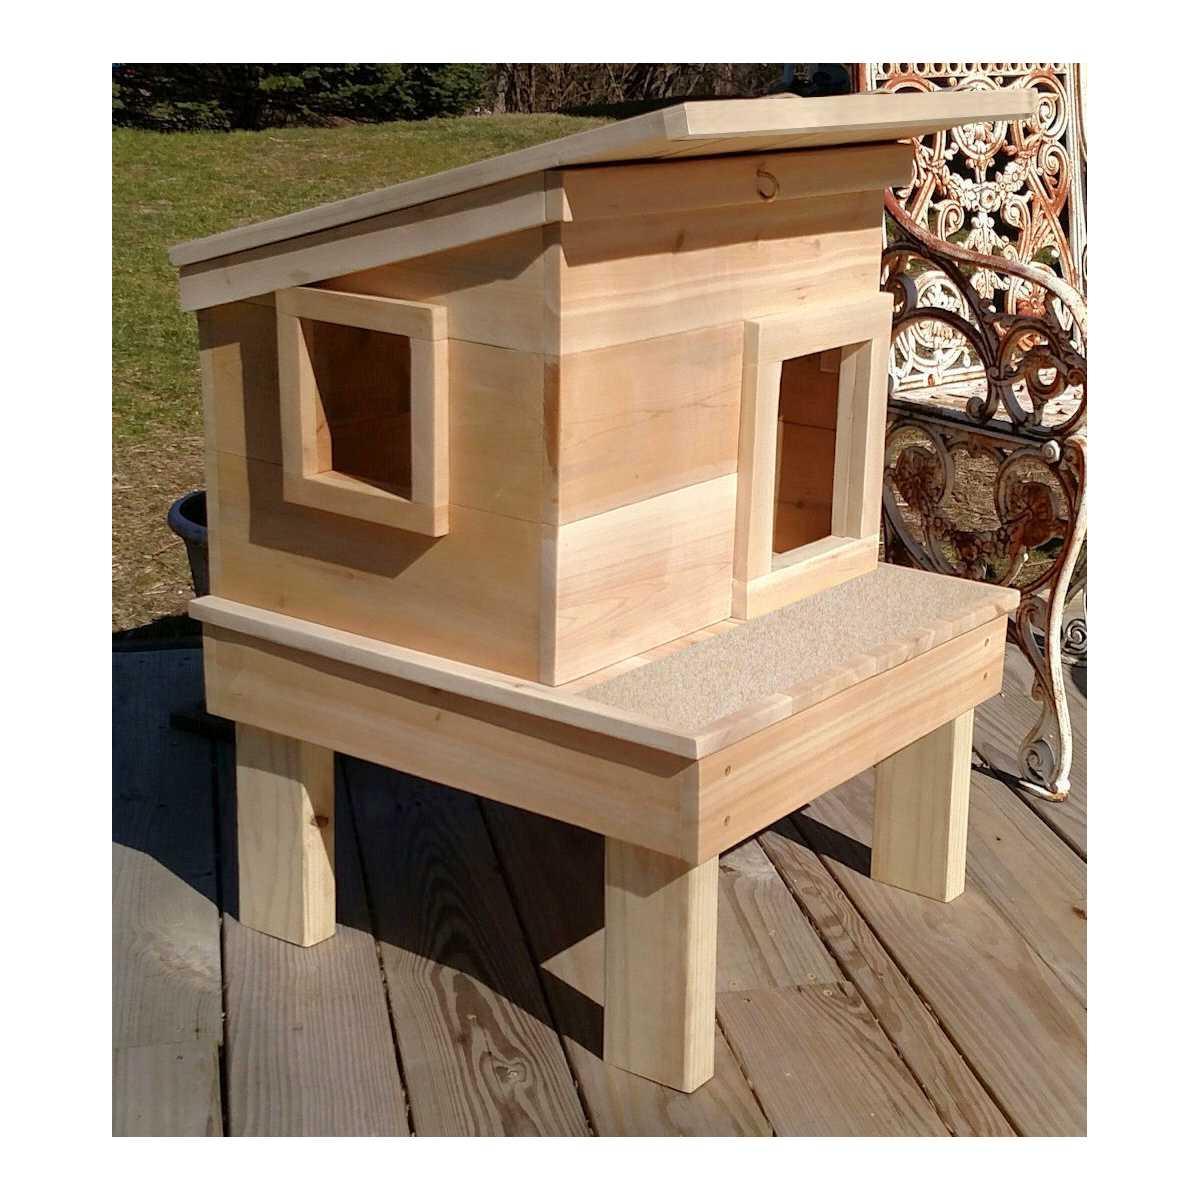 Outdoor Cedar Wood Cat House Shelter